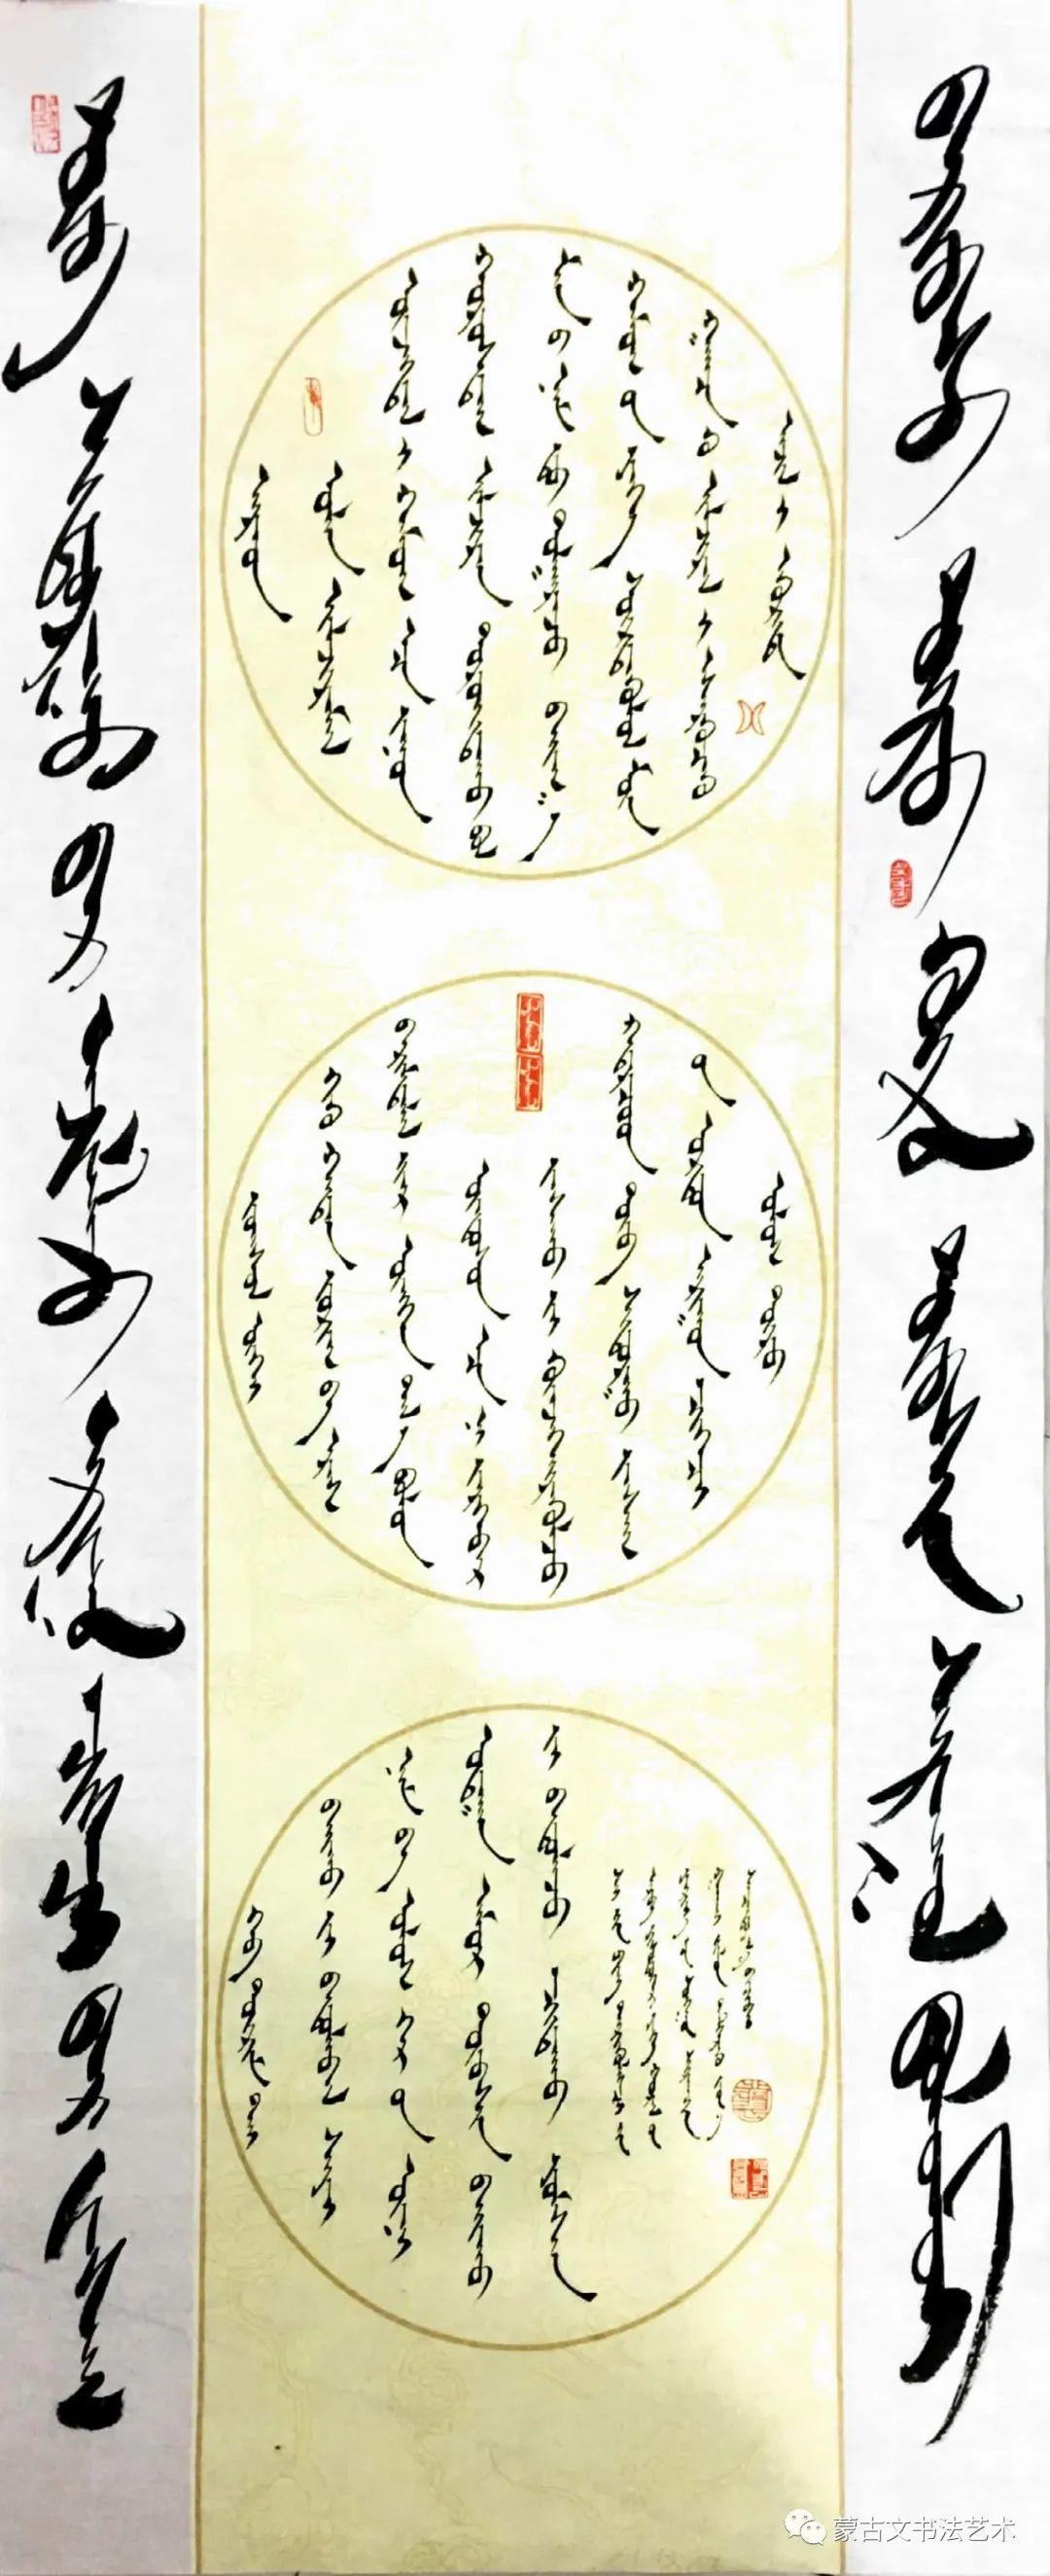 斯琴图雅蒙古文书法作品 第7张